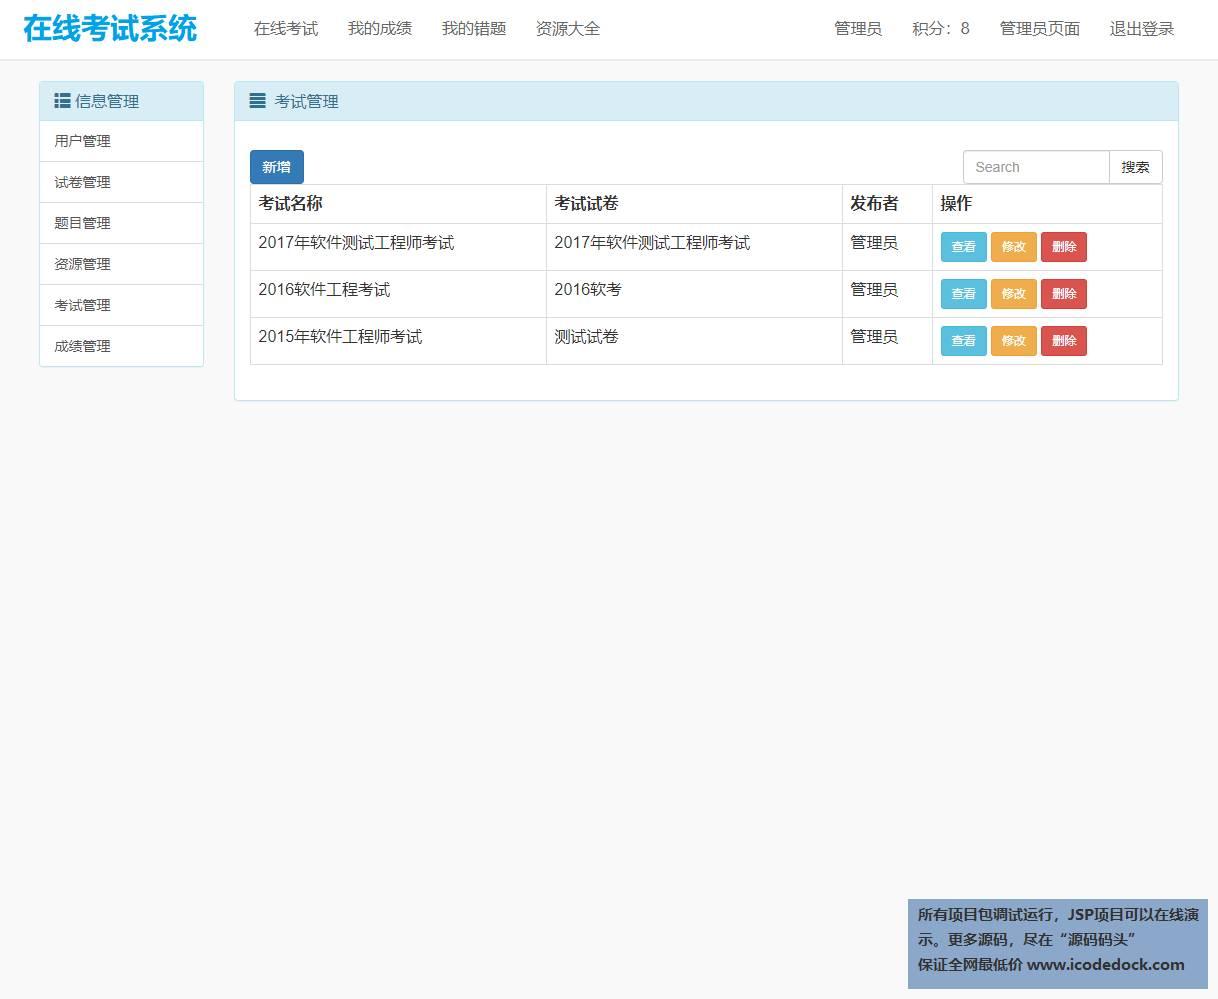 源码码头-SSM在线考试管理系统-管理员角色-考试管理